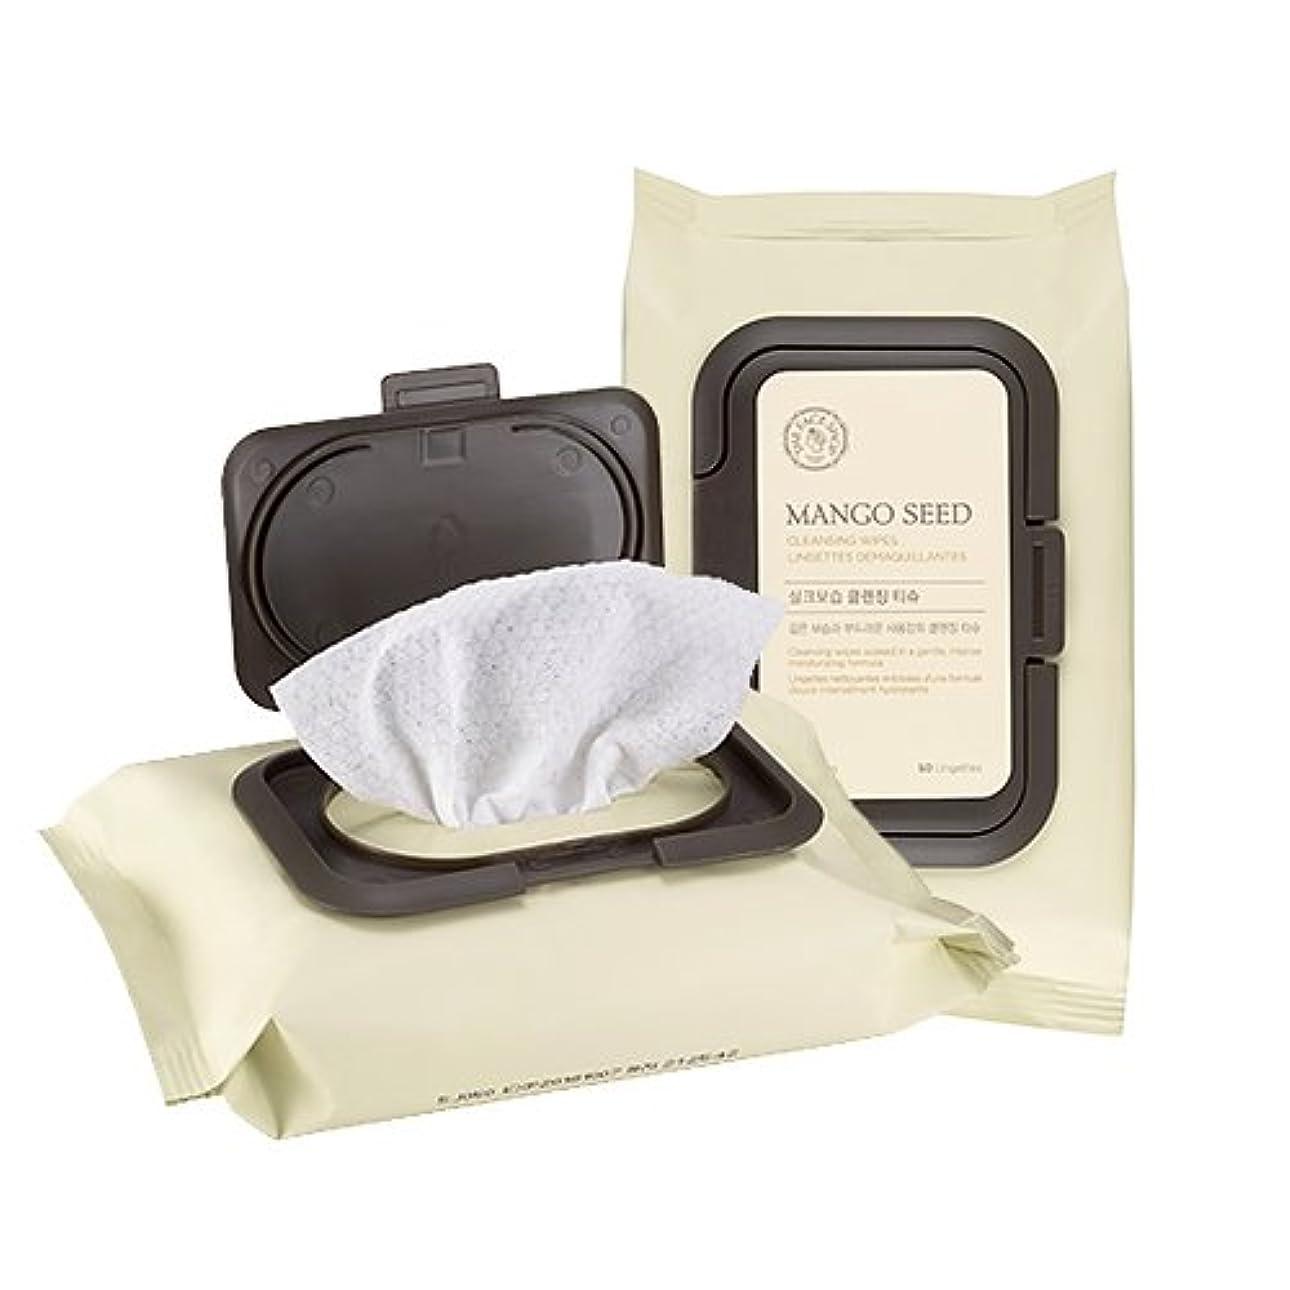 国歌騒乱ストレンジャーTHE FACE SHOP Mango Seed Cleansing Tissue ザフェイスショップ マンゴシード シルク 保湿 クレンジング ティッシュ (50枚) [並行輸入品]